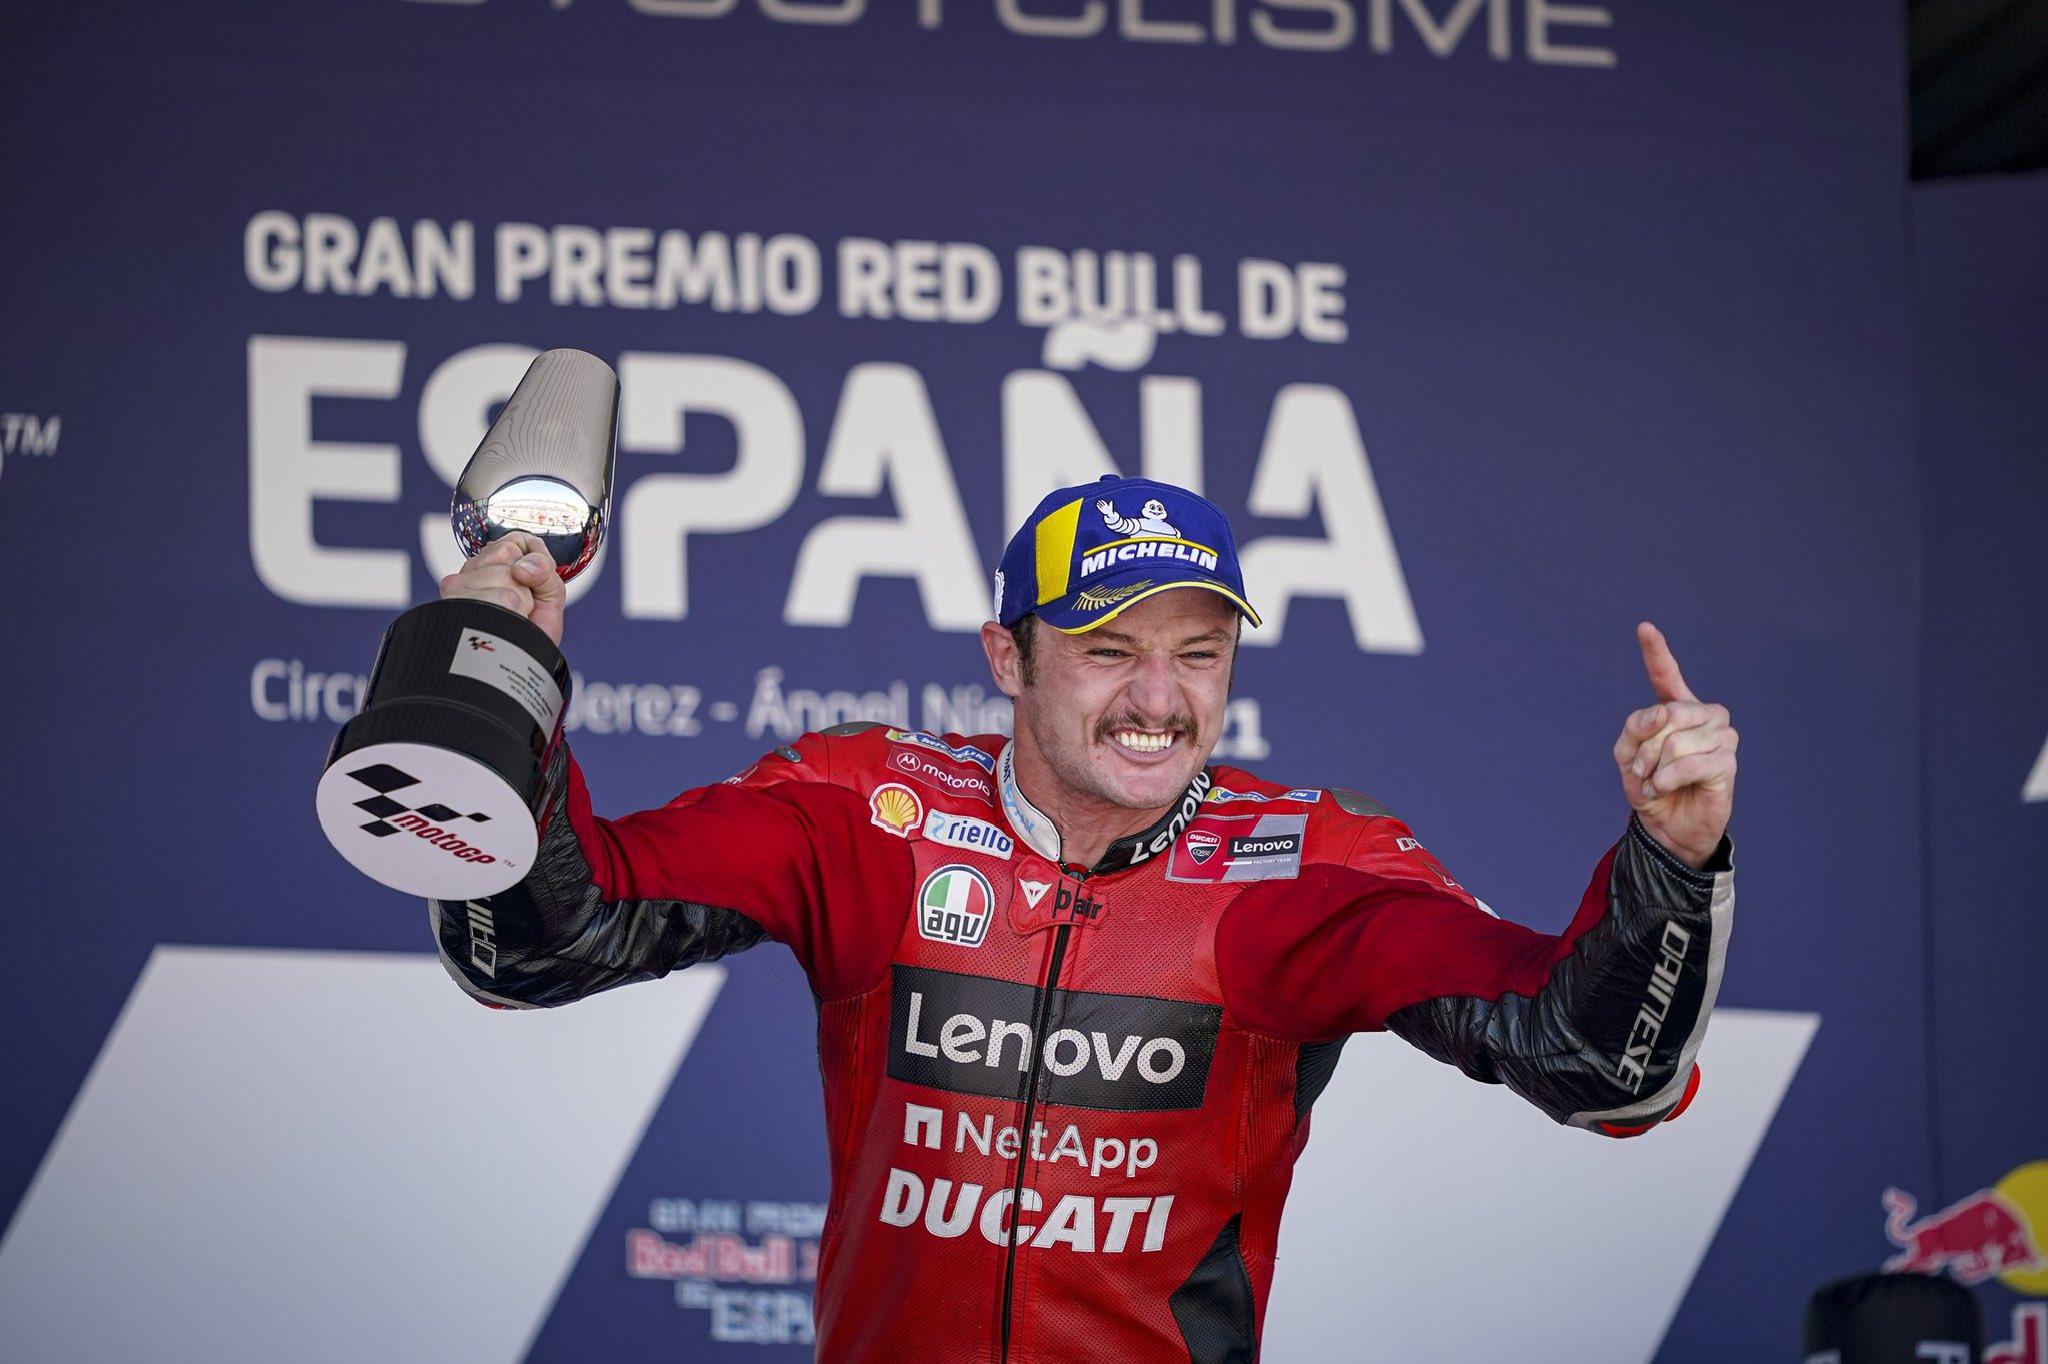 Jack Miller conquista el Gran Premio Red Bull de España de MotoGP